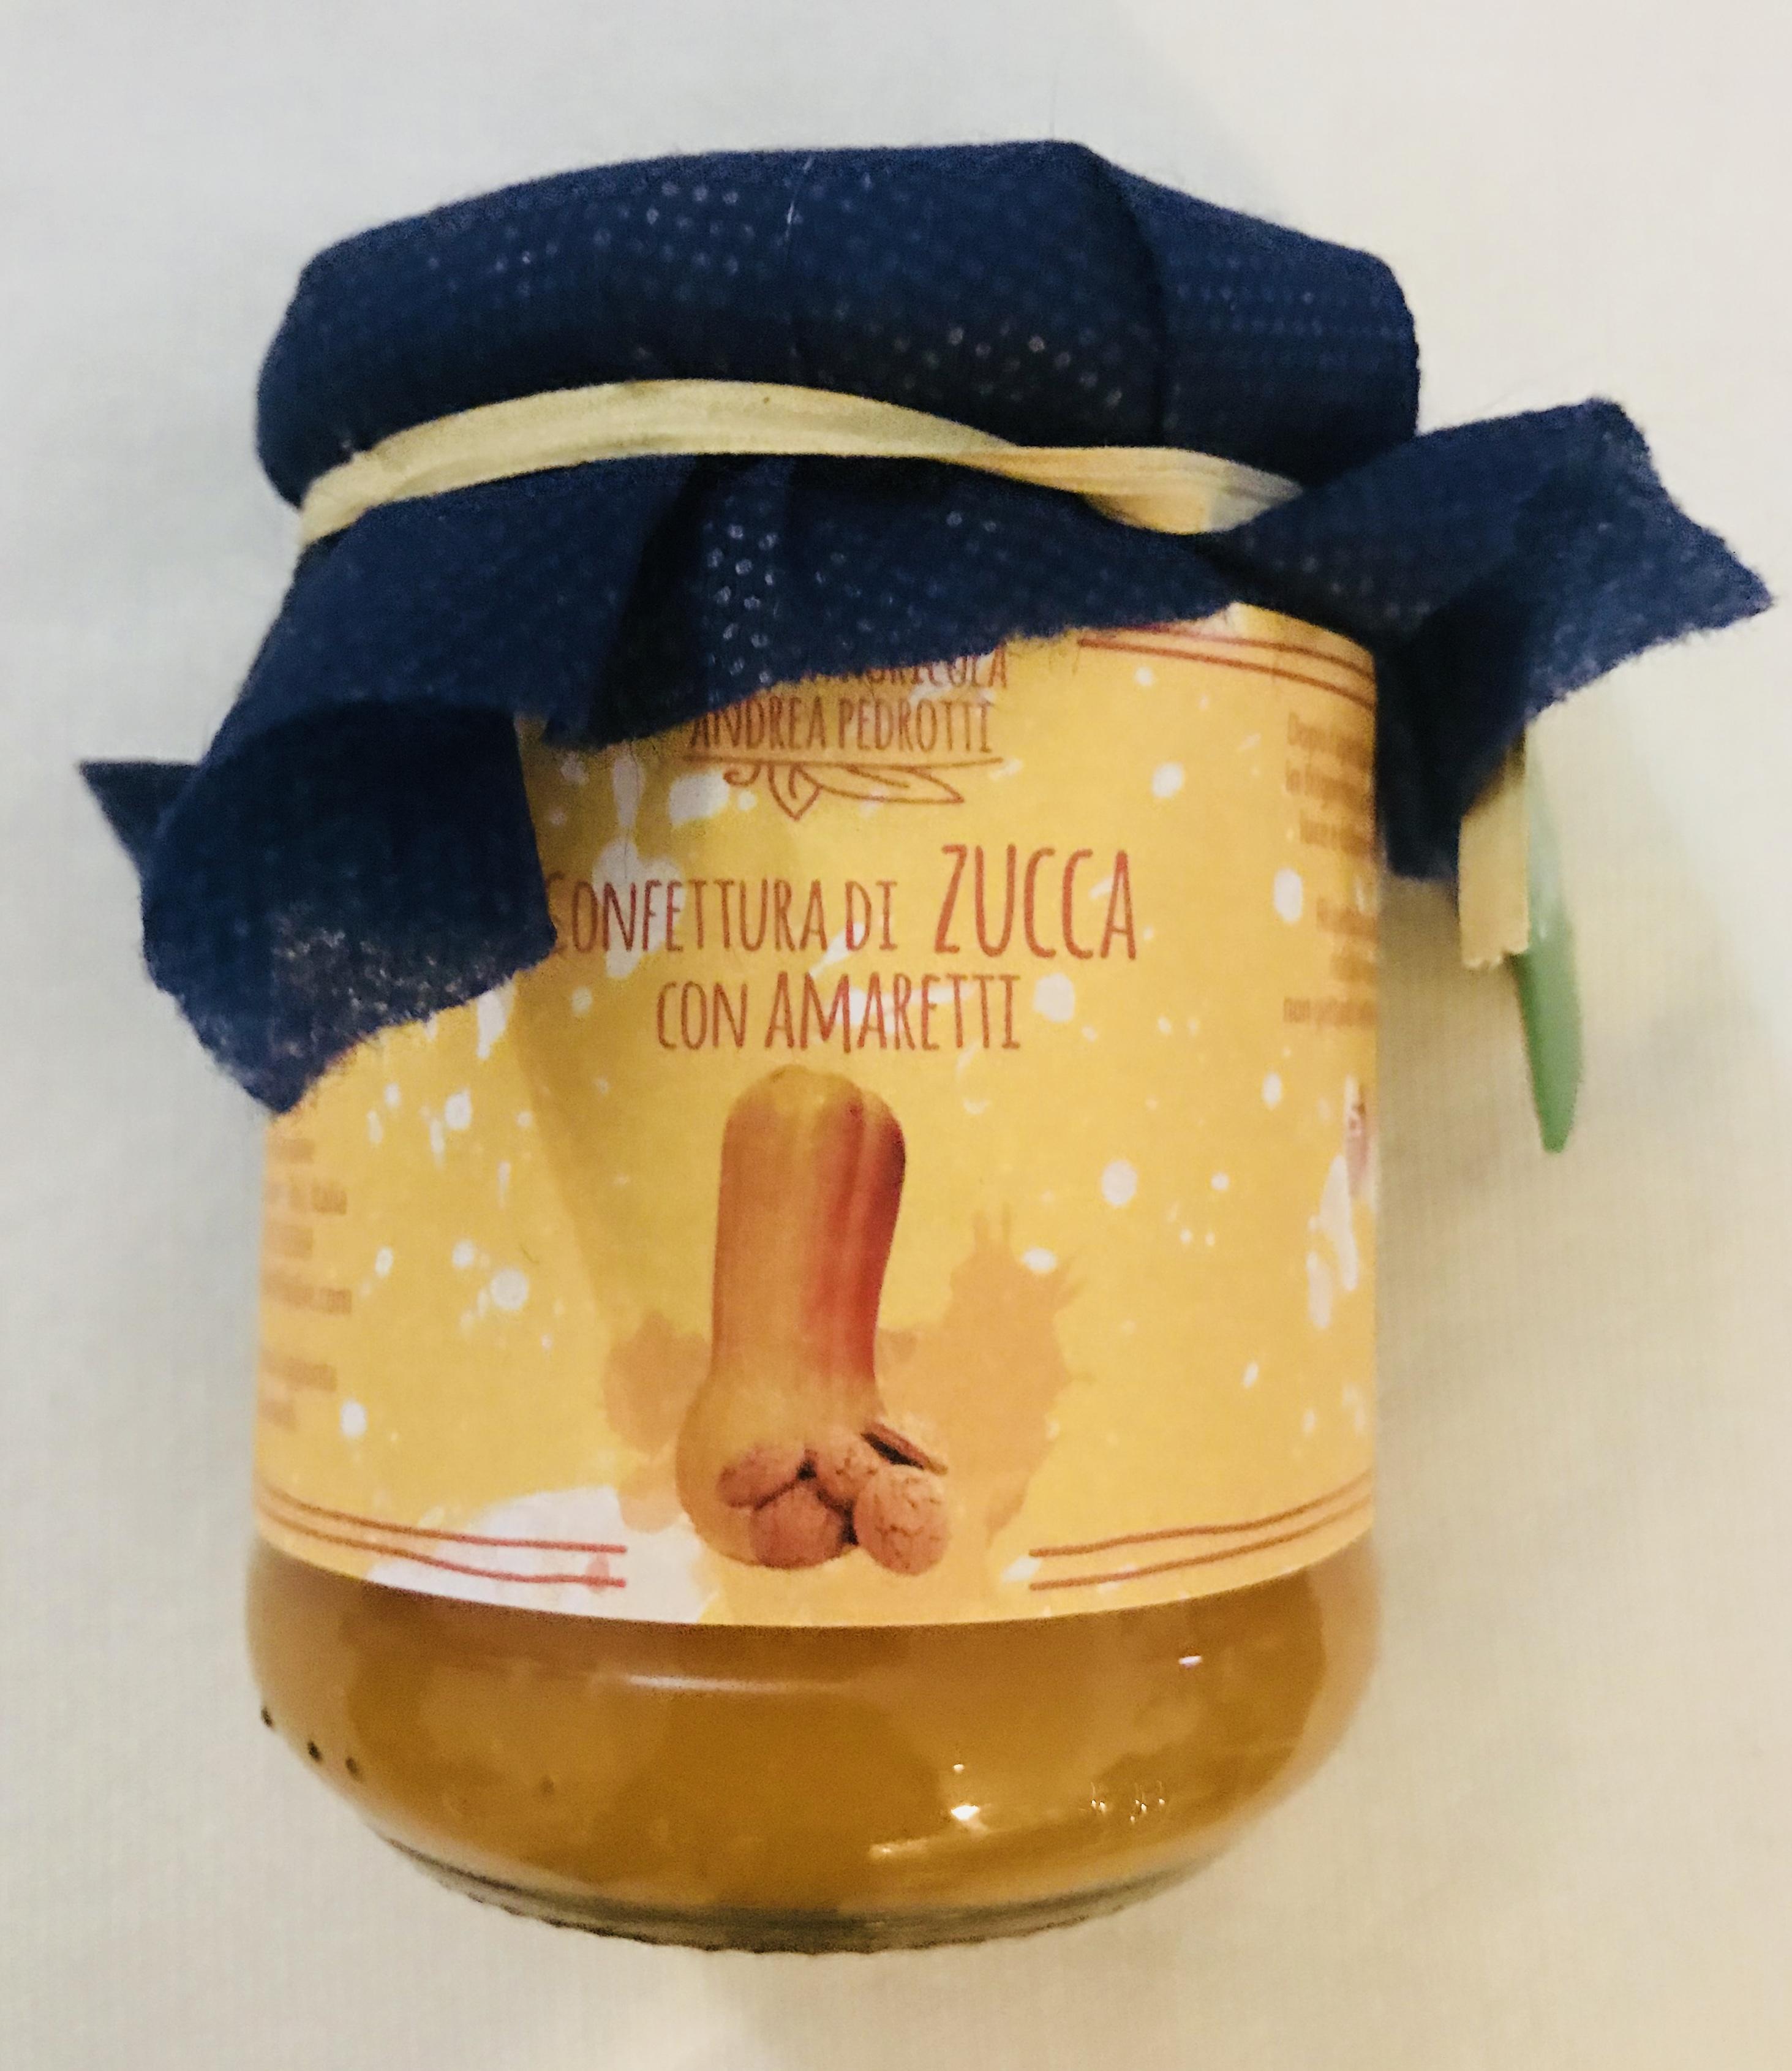 confettura zucca amaretti